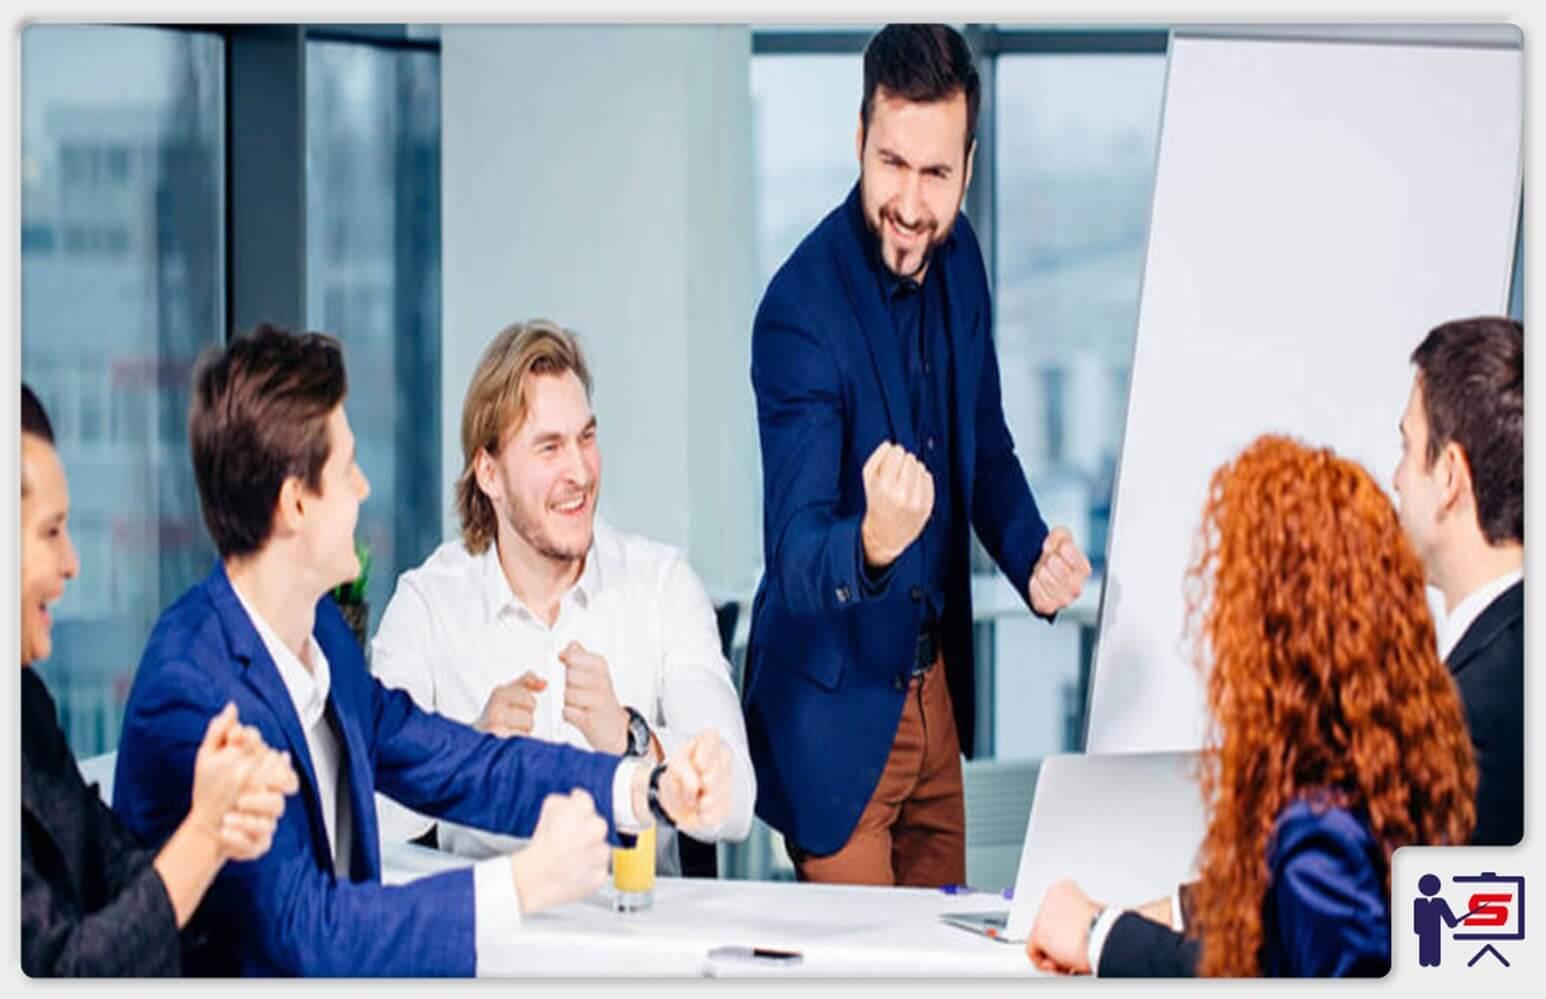 Desenvolvimento de Técnicas Estratégicas de Persuasão em Vendas no Trc